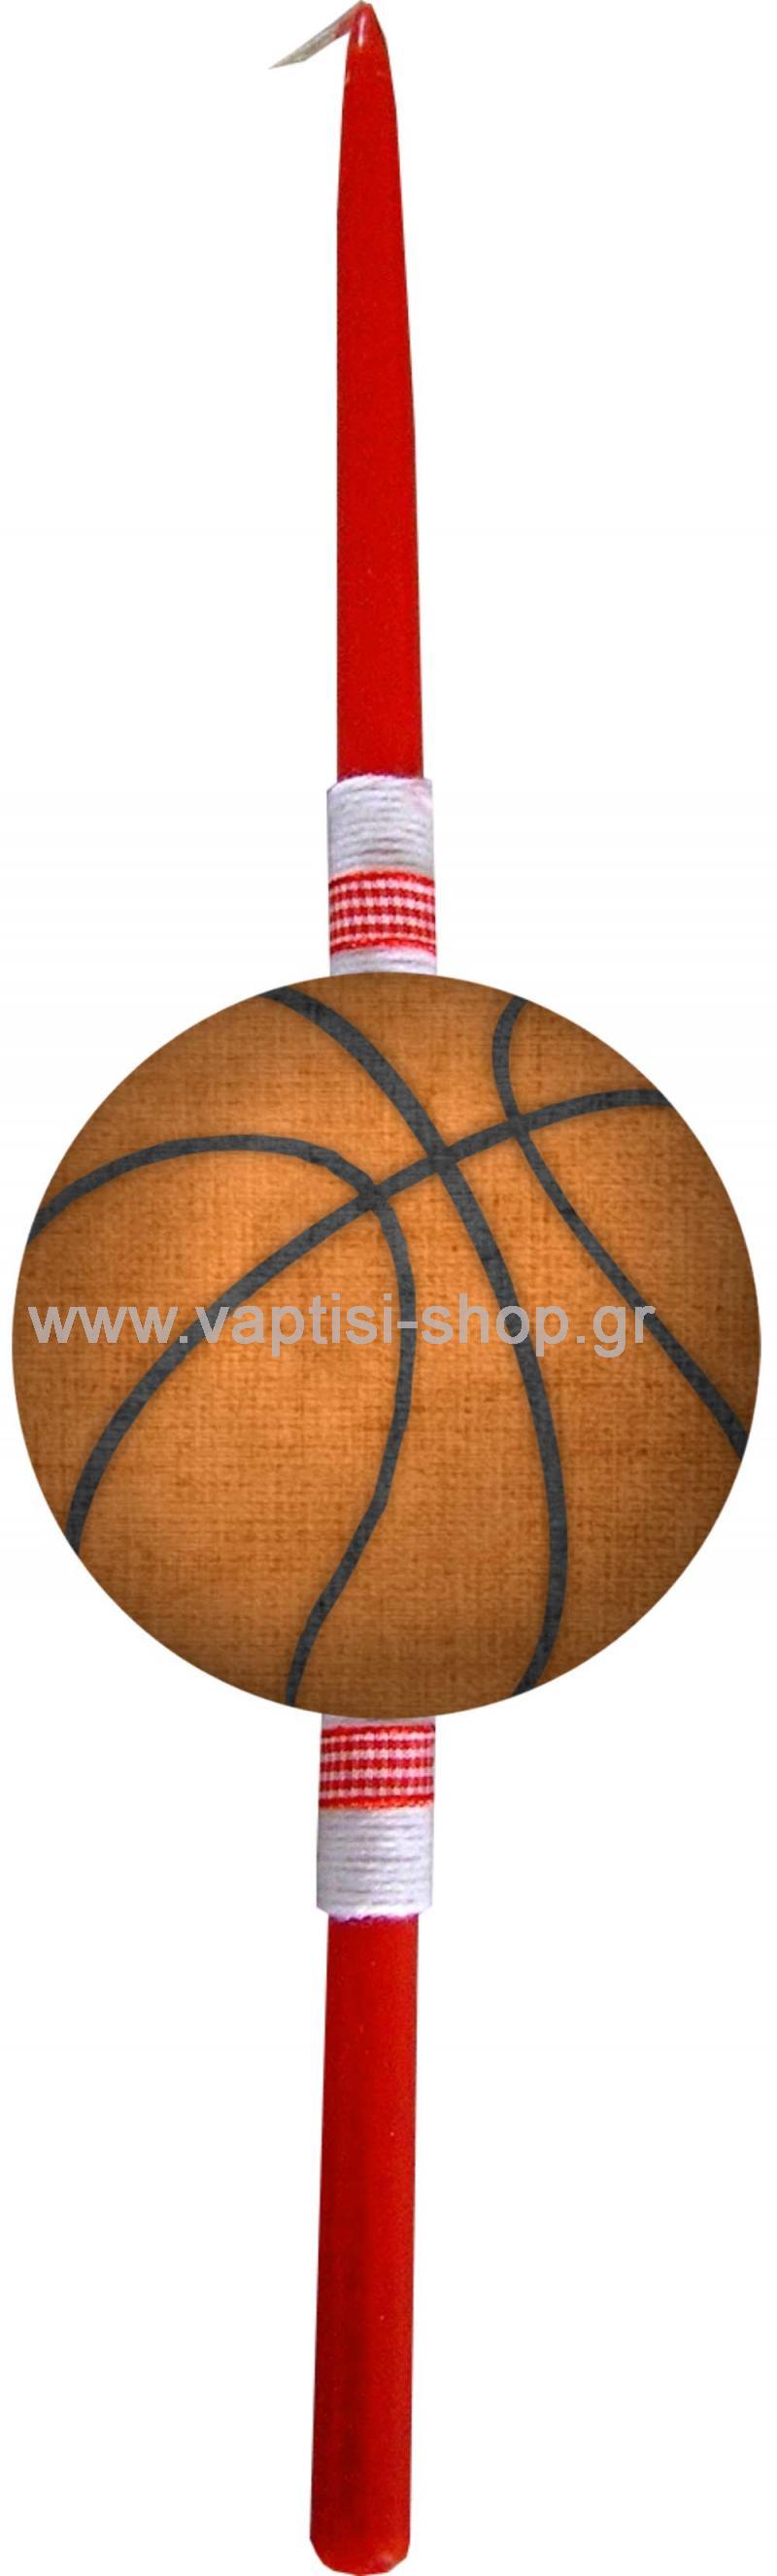 Πασχαλινή Λαμπάδα Μπάλα Μπάσκετ